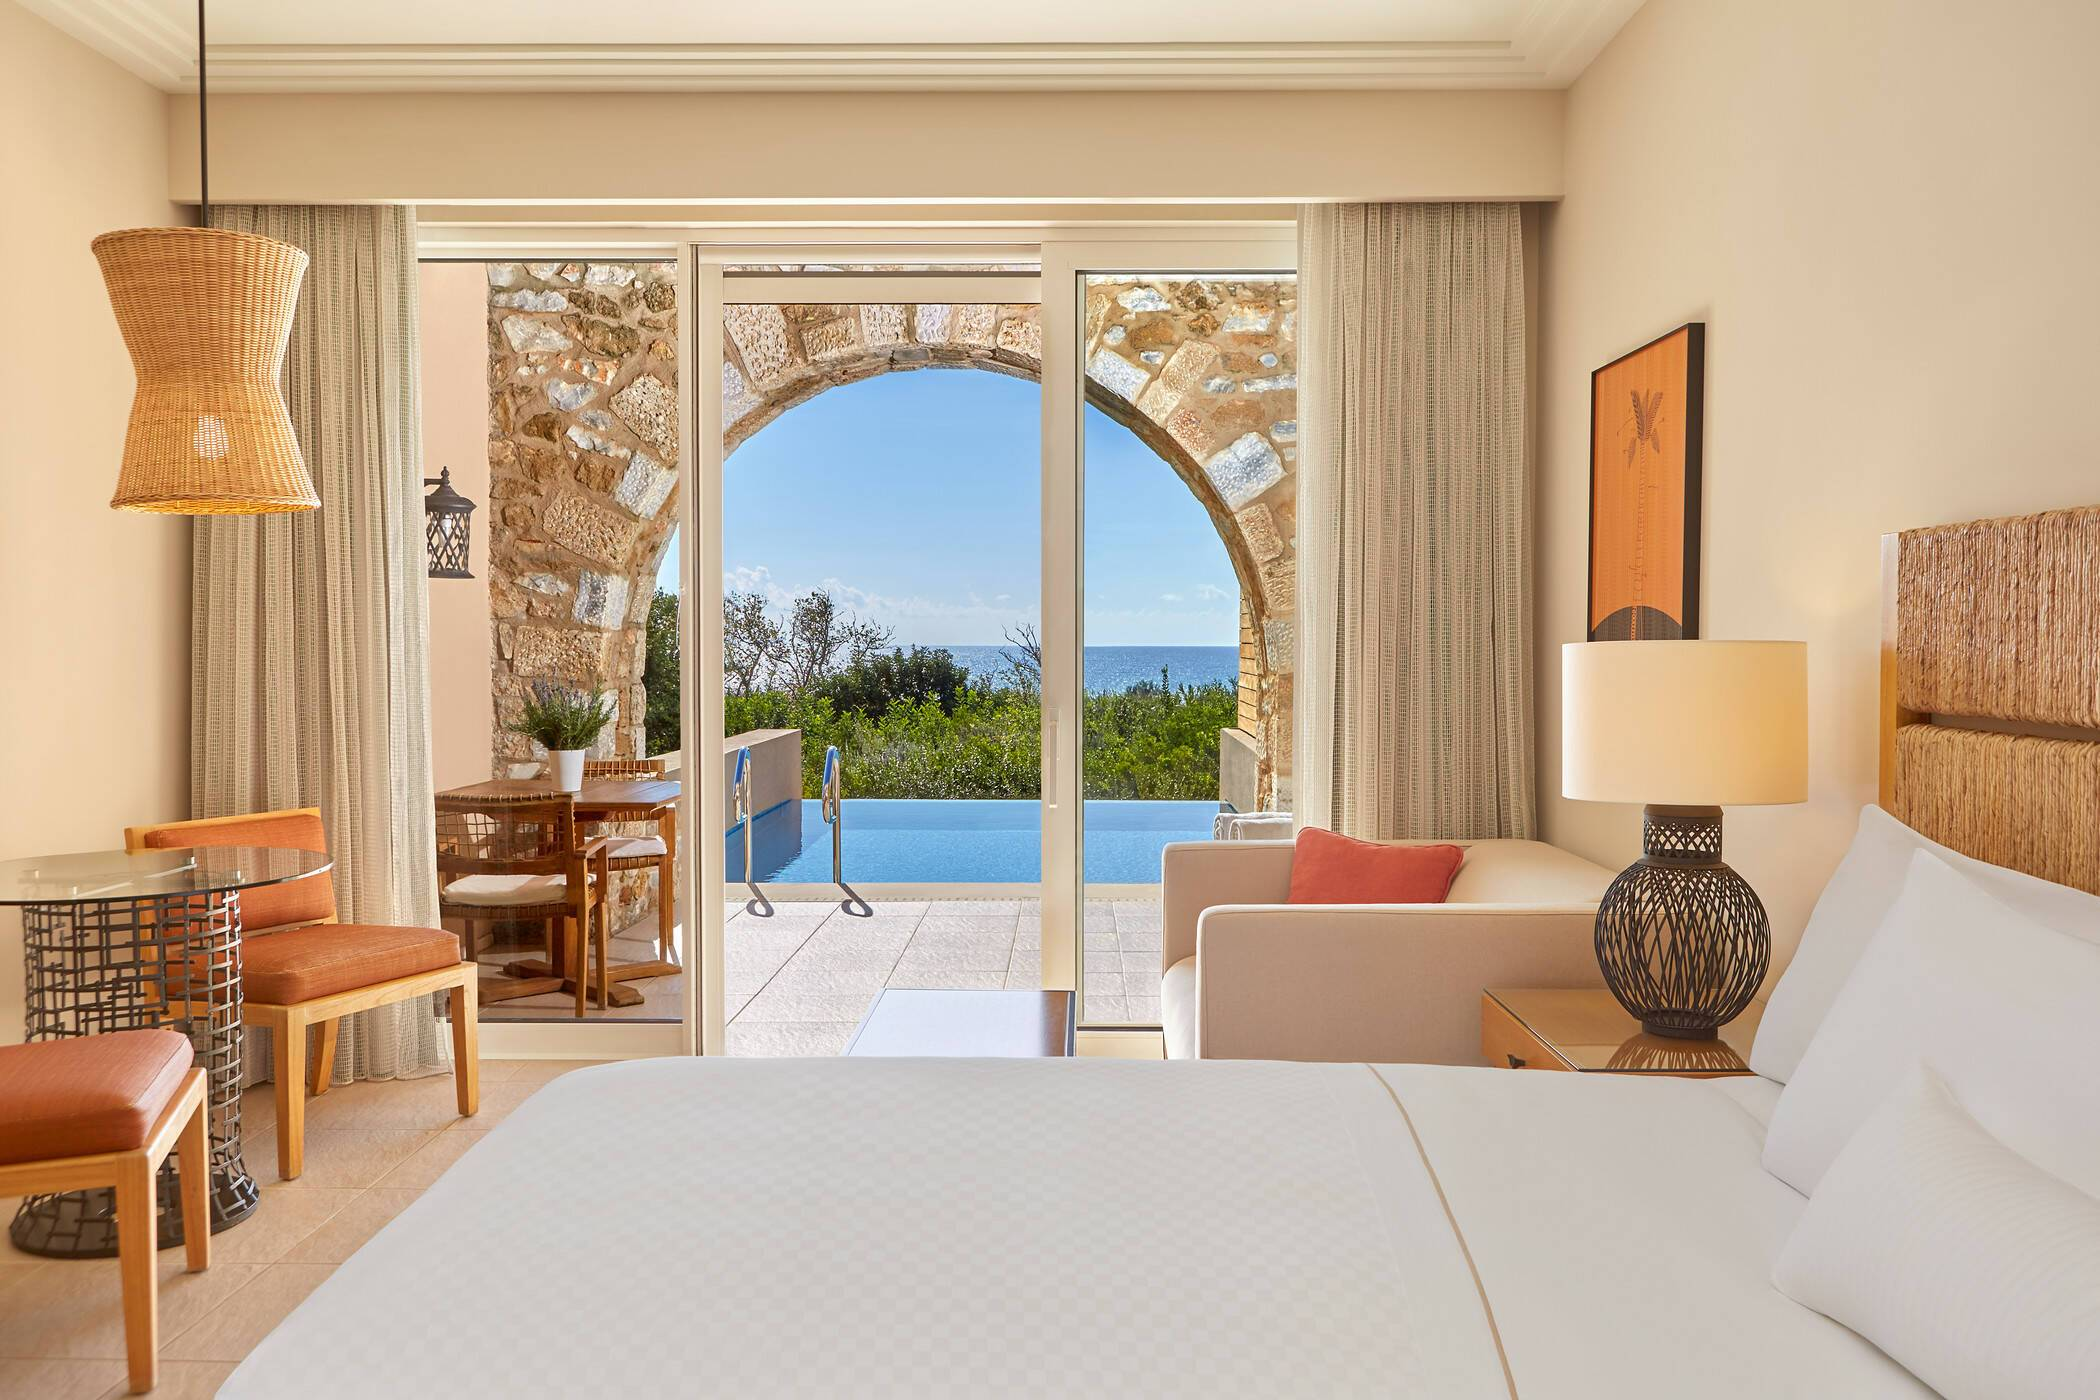 Costa Navarino Peloponnese Infinity Room